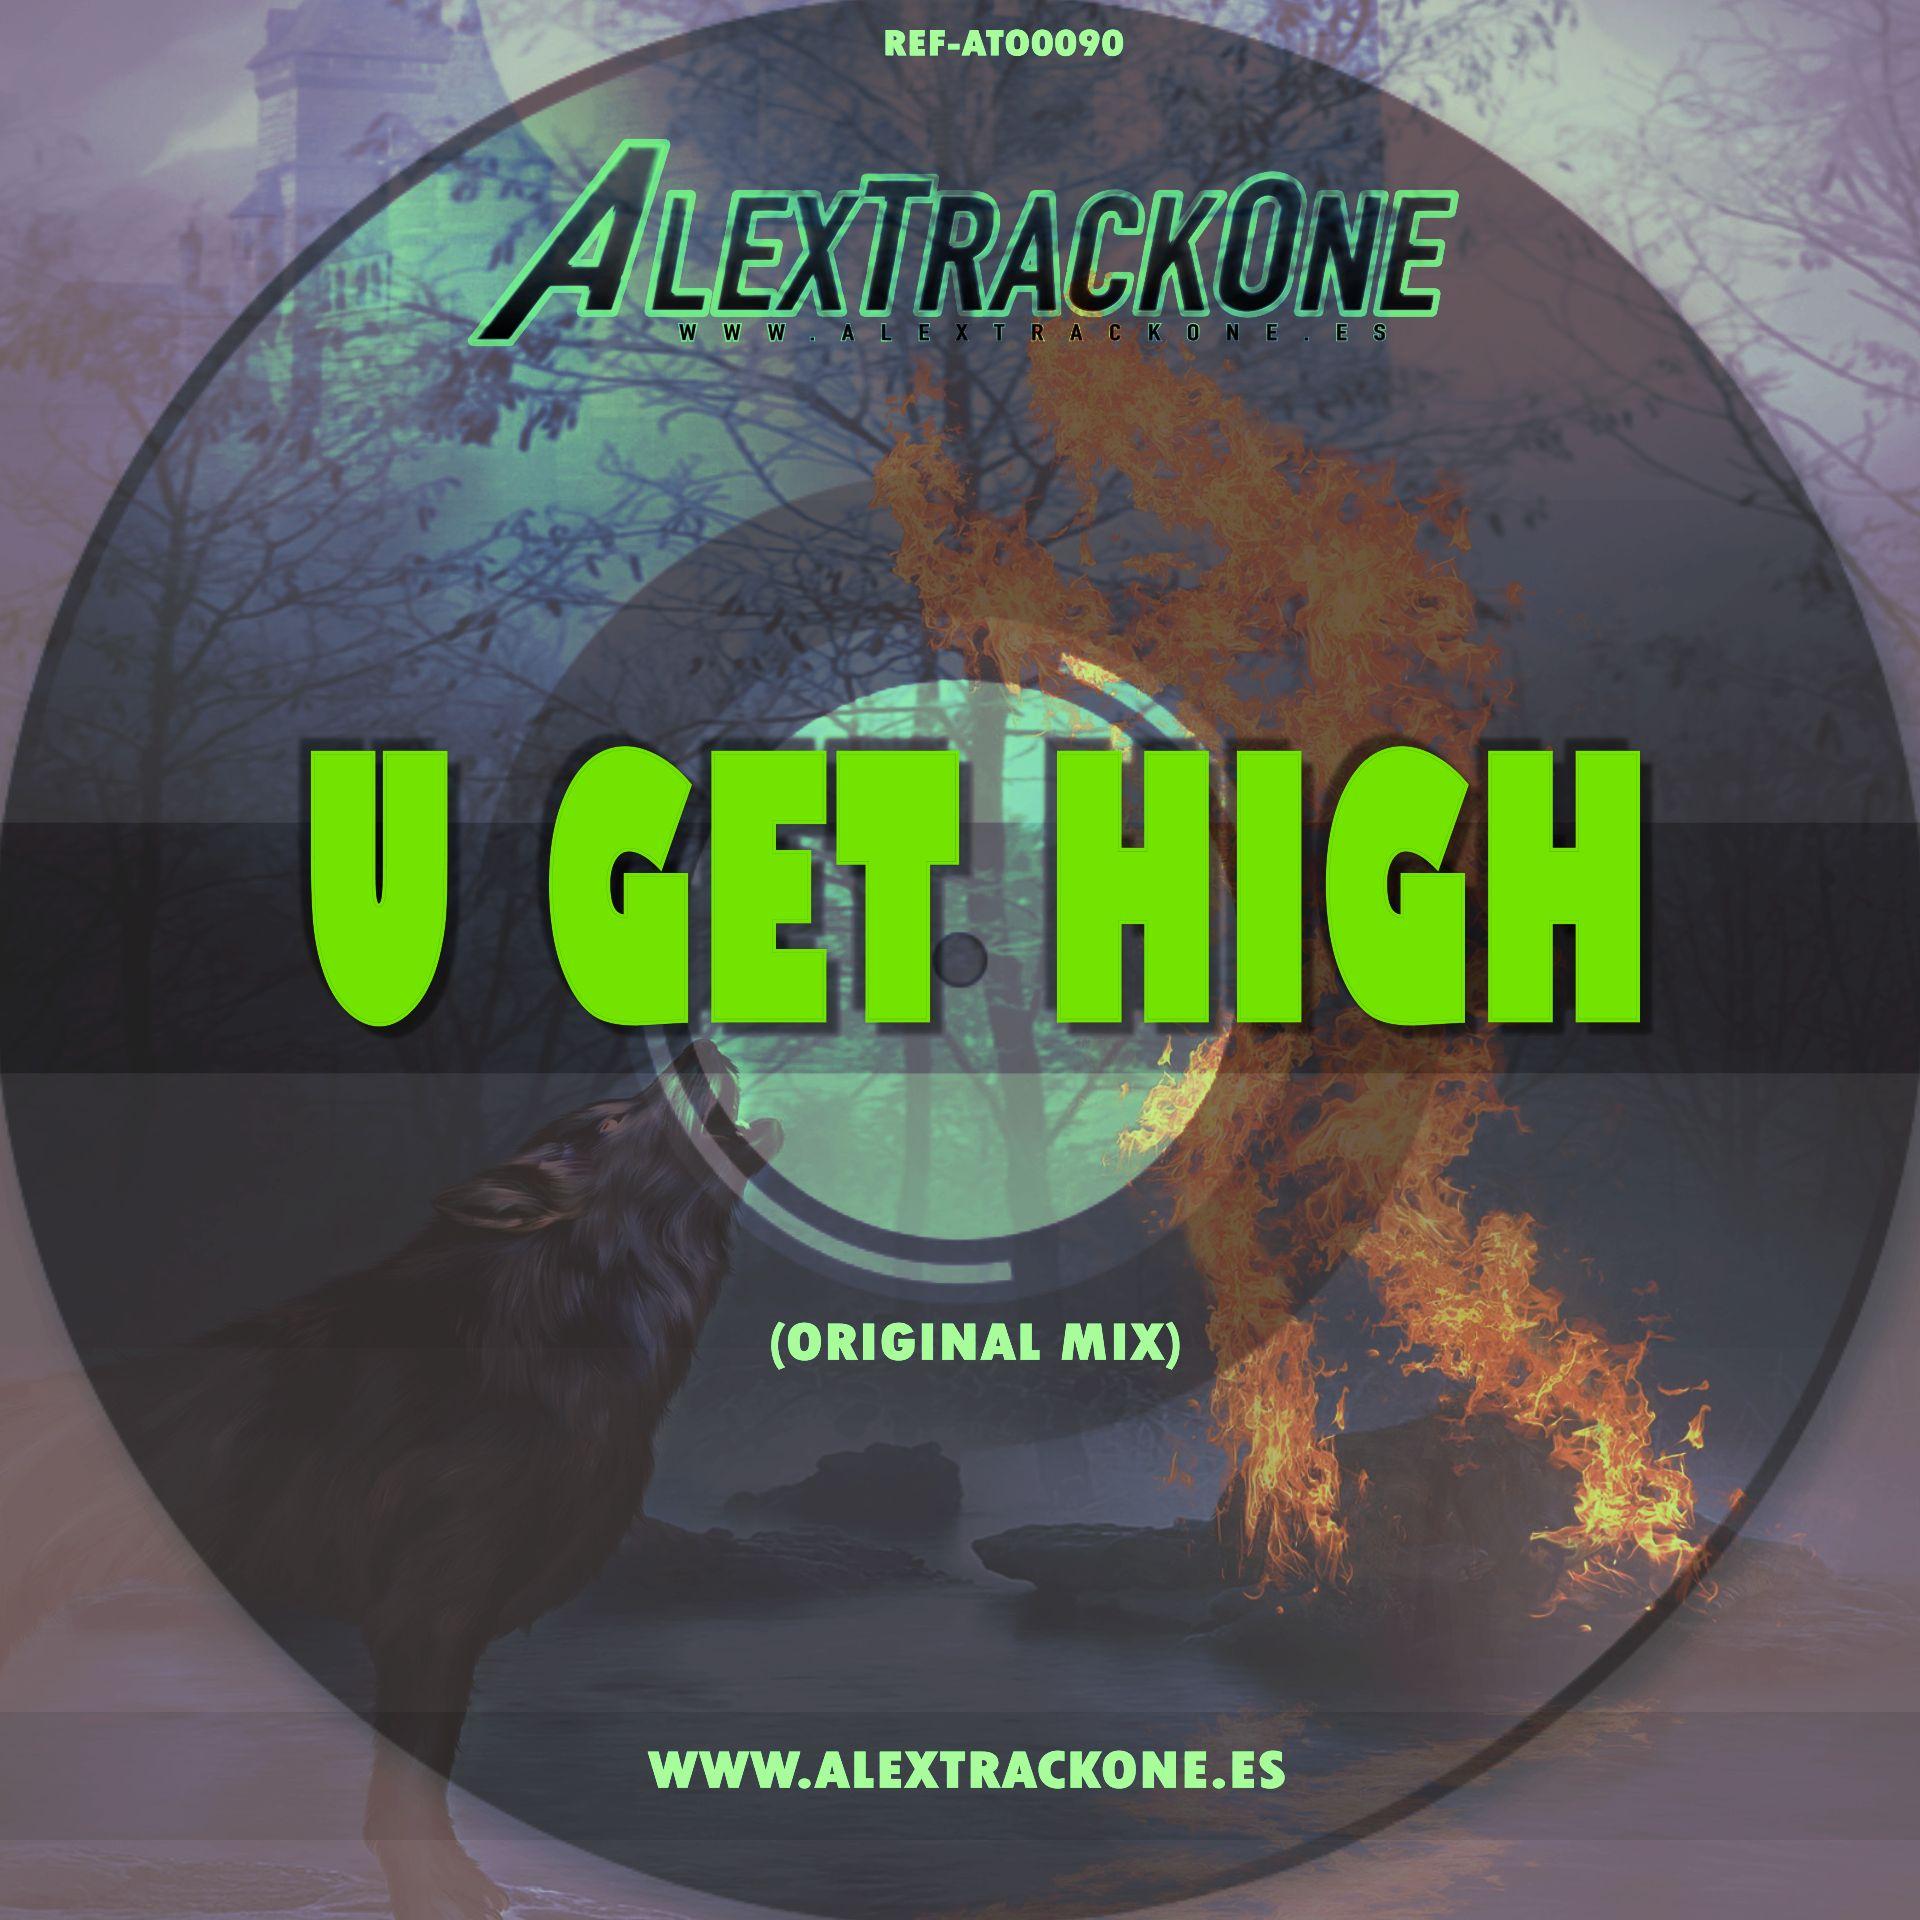 REF-ATO0090 U GET HIGH (ORIGINAL MIX) (MP3 & WAV & FLAC)